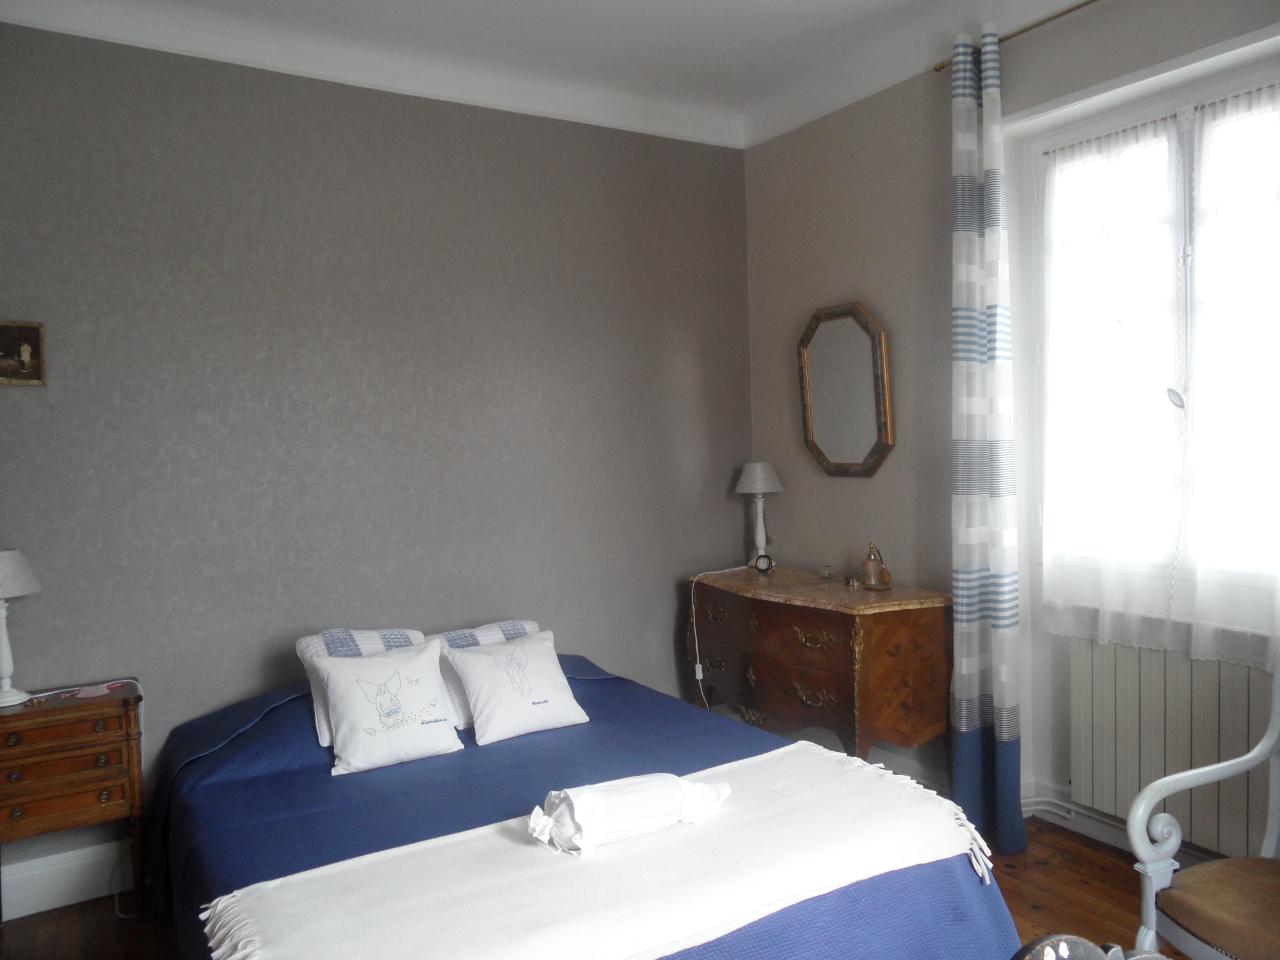 Vente maison 6 pièces  à SAINT JEAN DE LUZ - 5